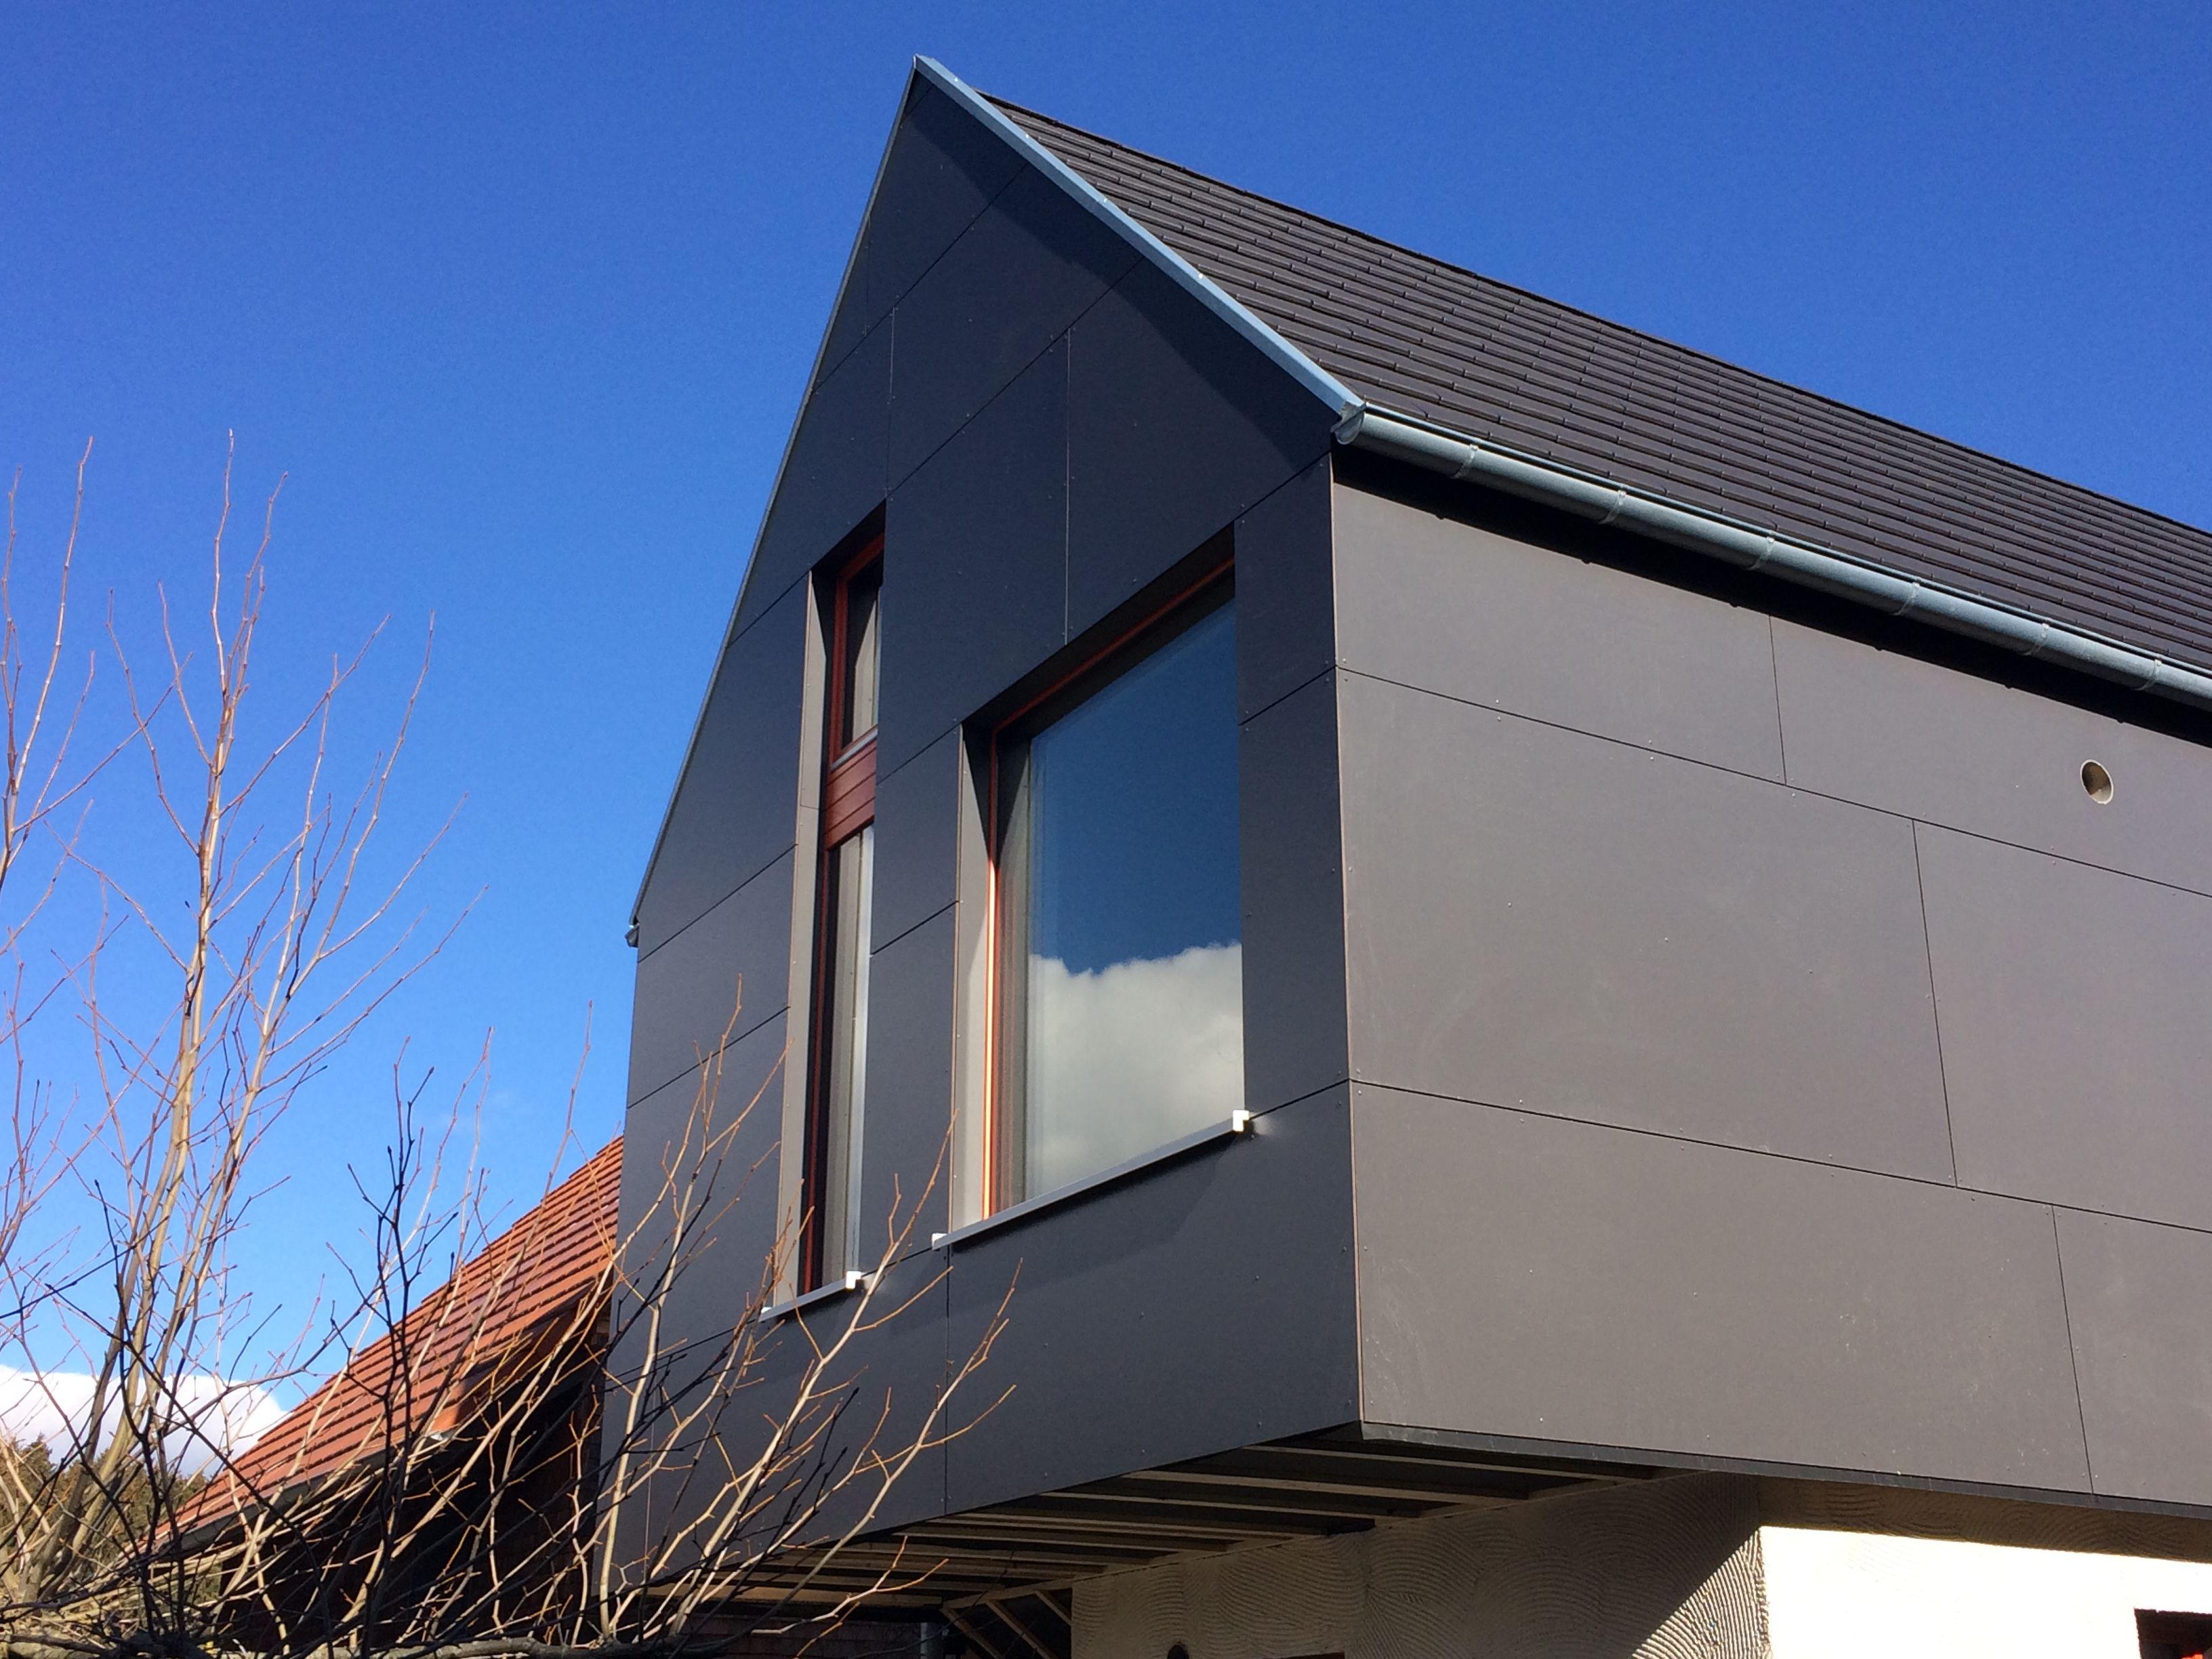 Moderne Holzhäuser moderne holzhäuser bieten ein hervorragendes wohnklima und